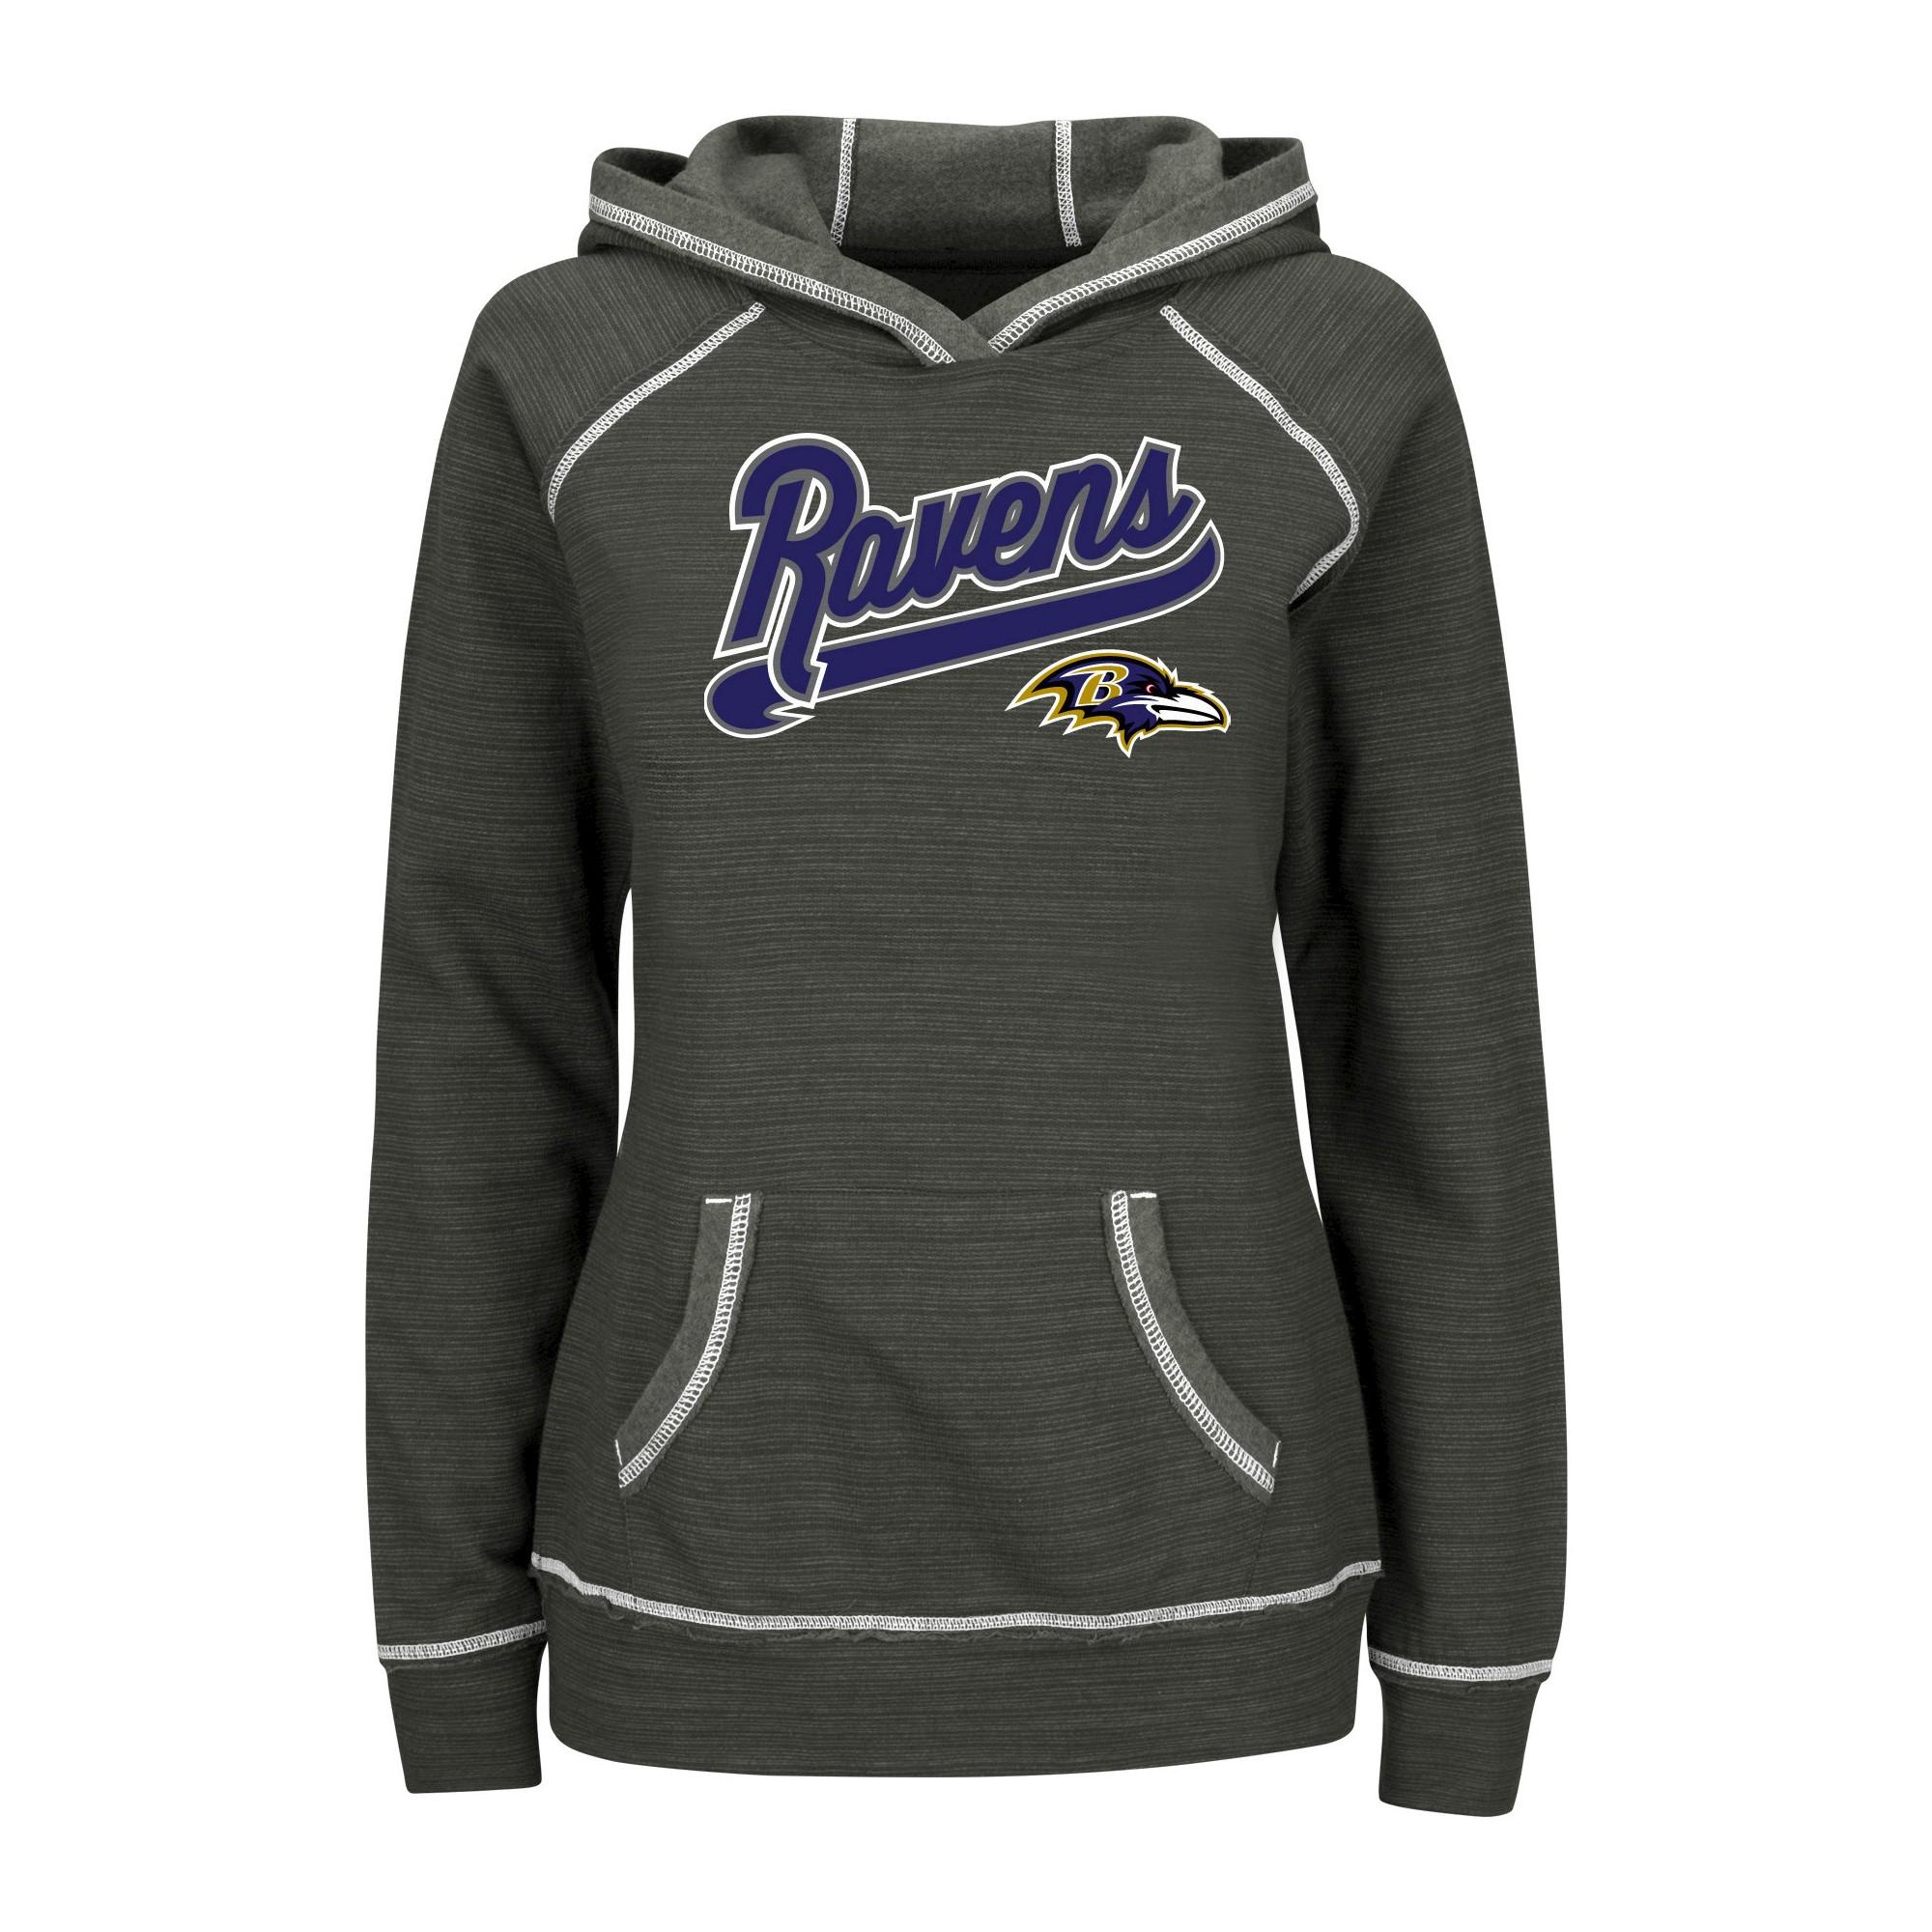 5092f225 Baltimore Ravens Women's Fleece Pullover Hoodie Sweatshirt S, Size ...